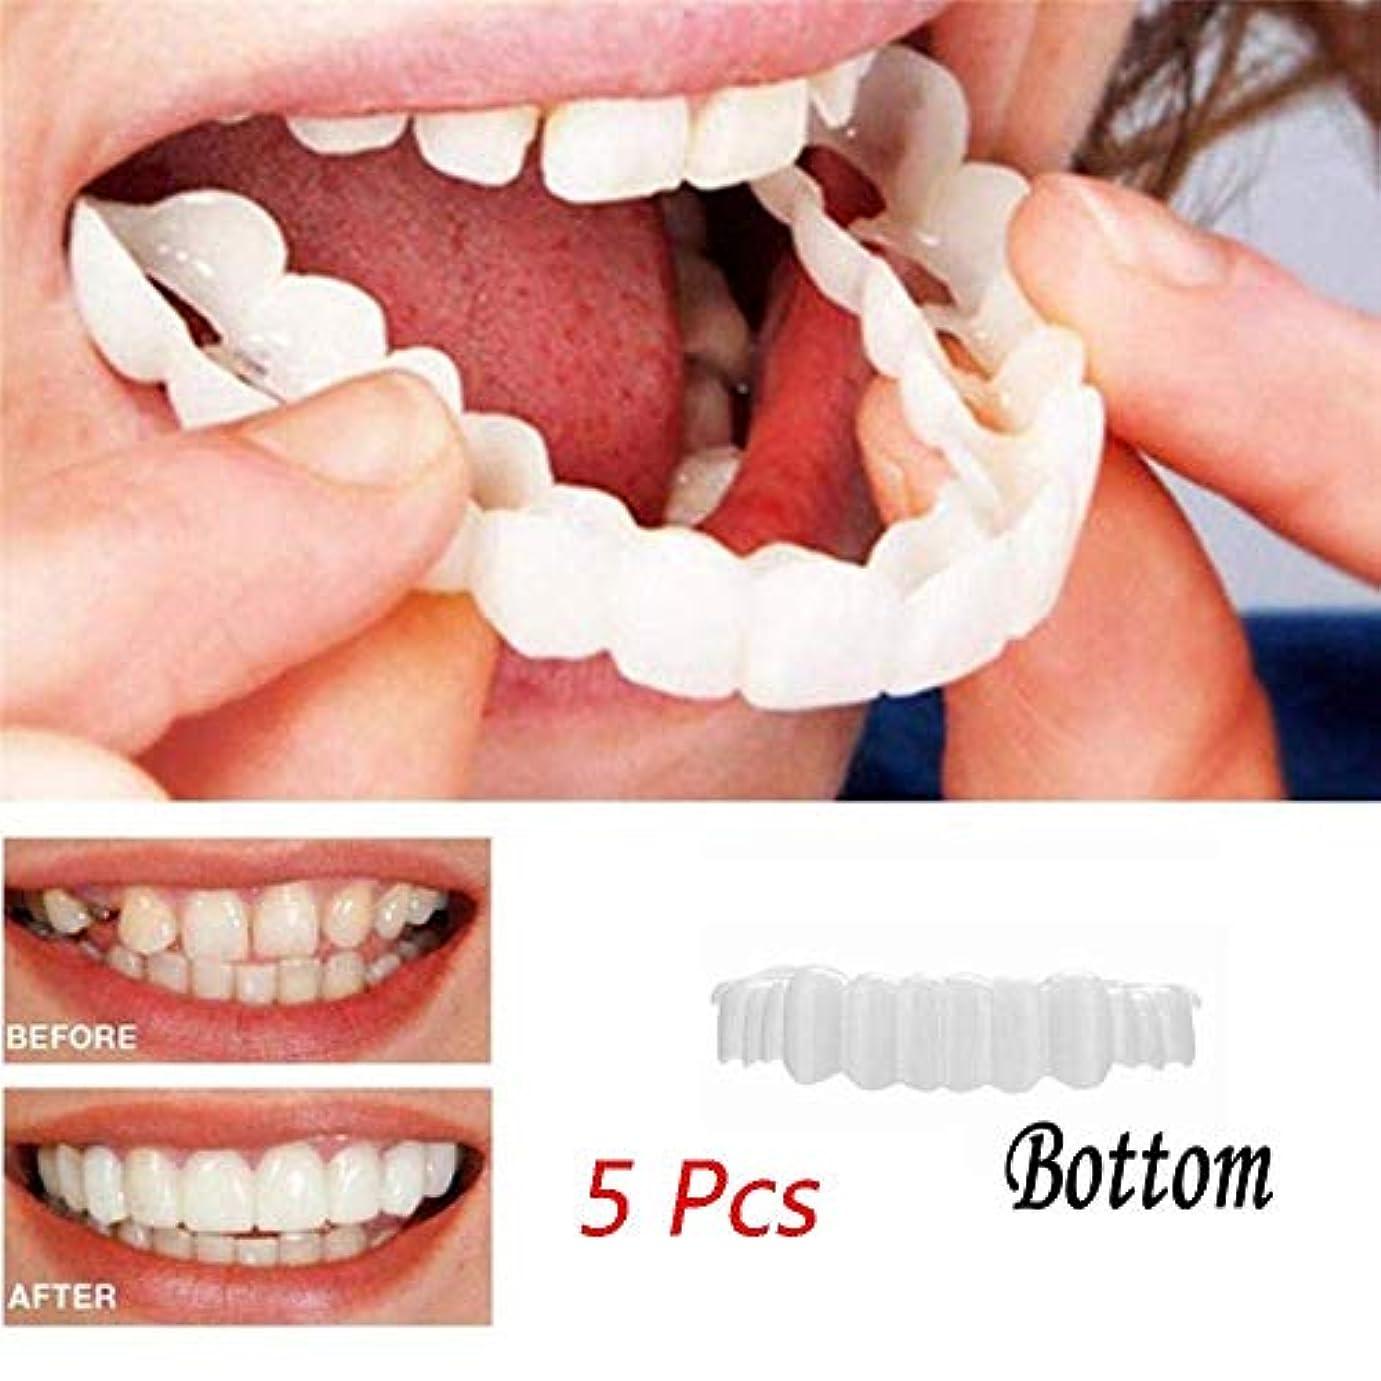 告白する潜水艦小道突き板歯5ピースインスタントスマイル歯ホワイトニング歯スナップ化粧品義歯底化粧品突き板ワンサイズフィット最も快適な下突き板